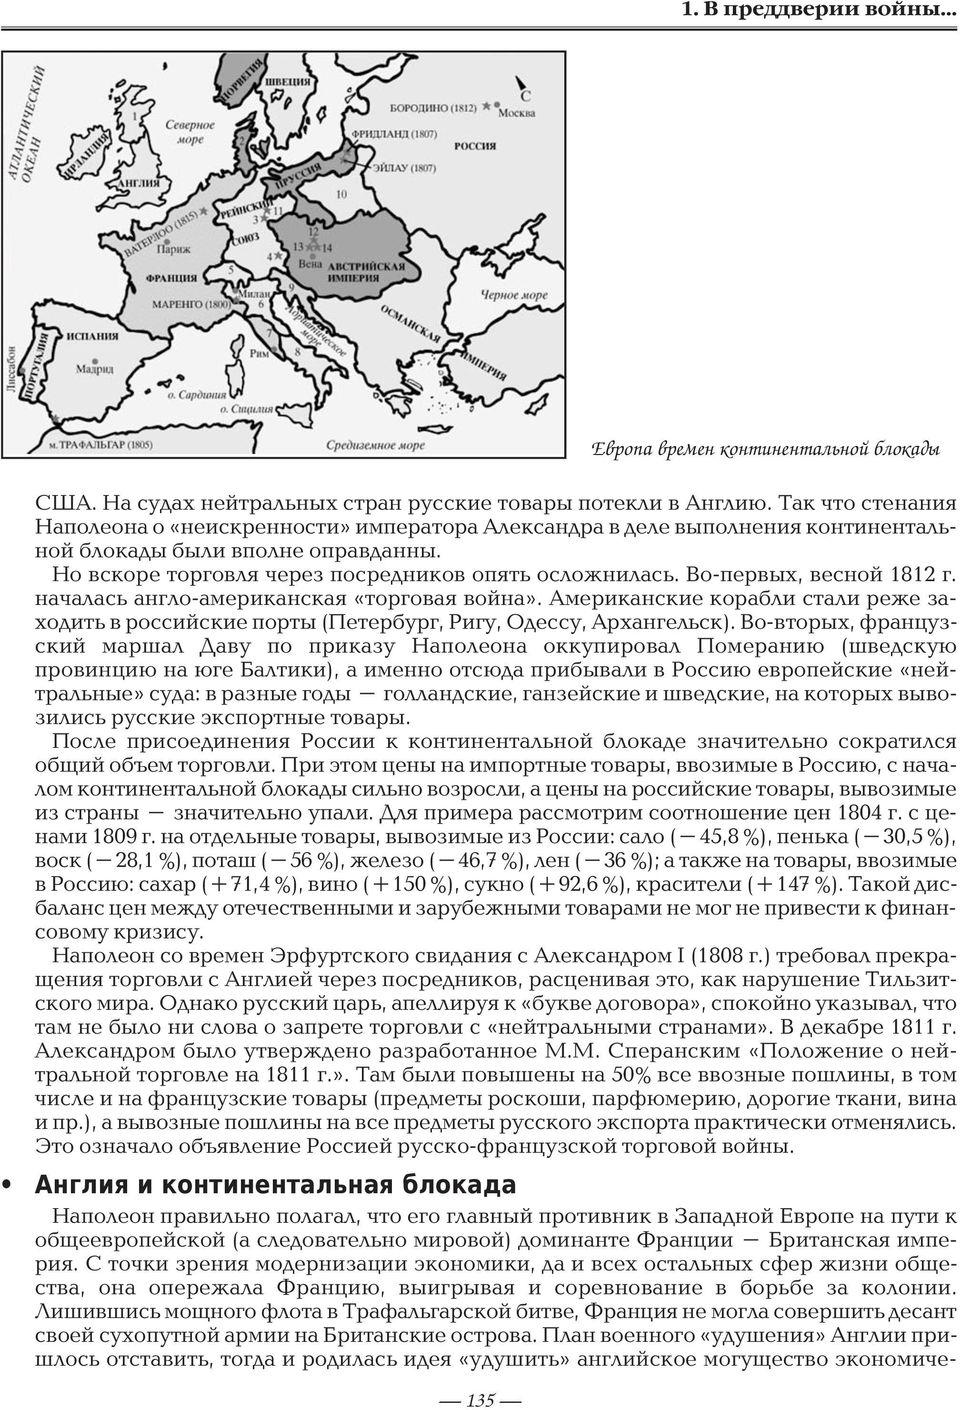 Континентальная блокада и участие в ней россии